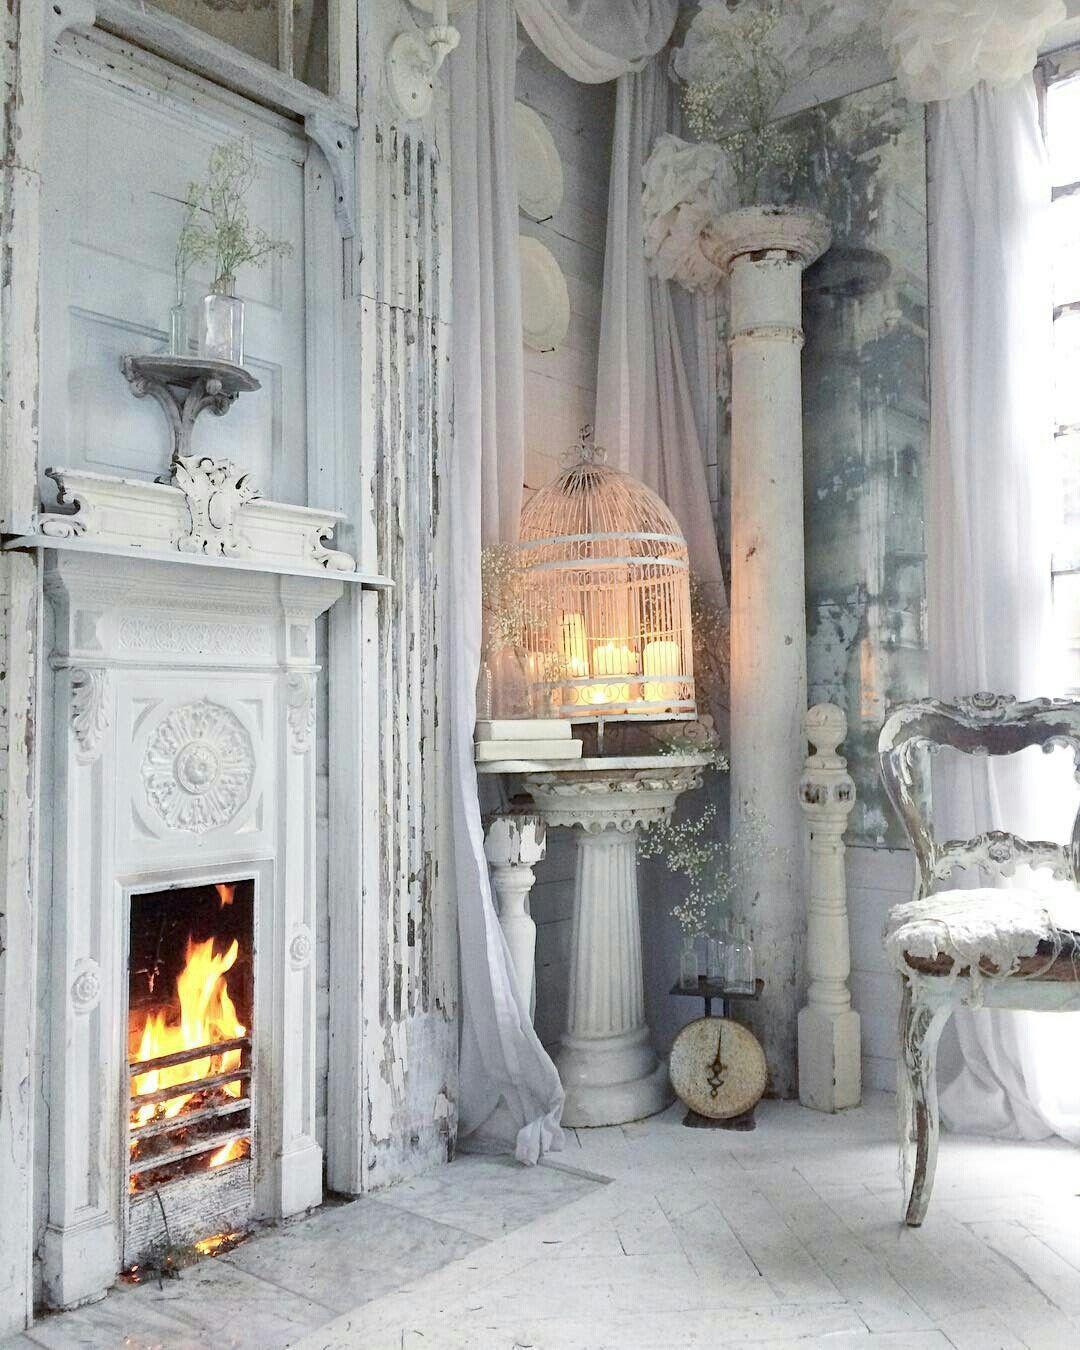 French country shabby chic e brocante interni casa for Arredamento francese shabby